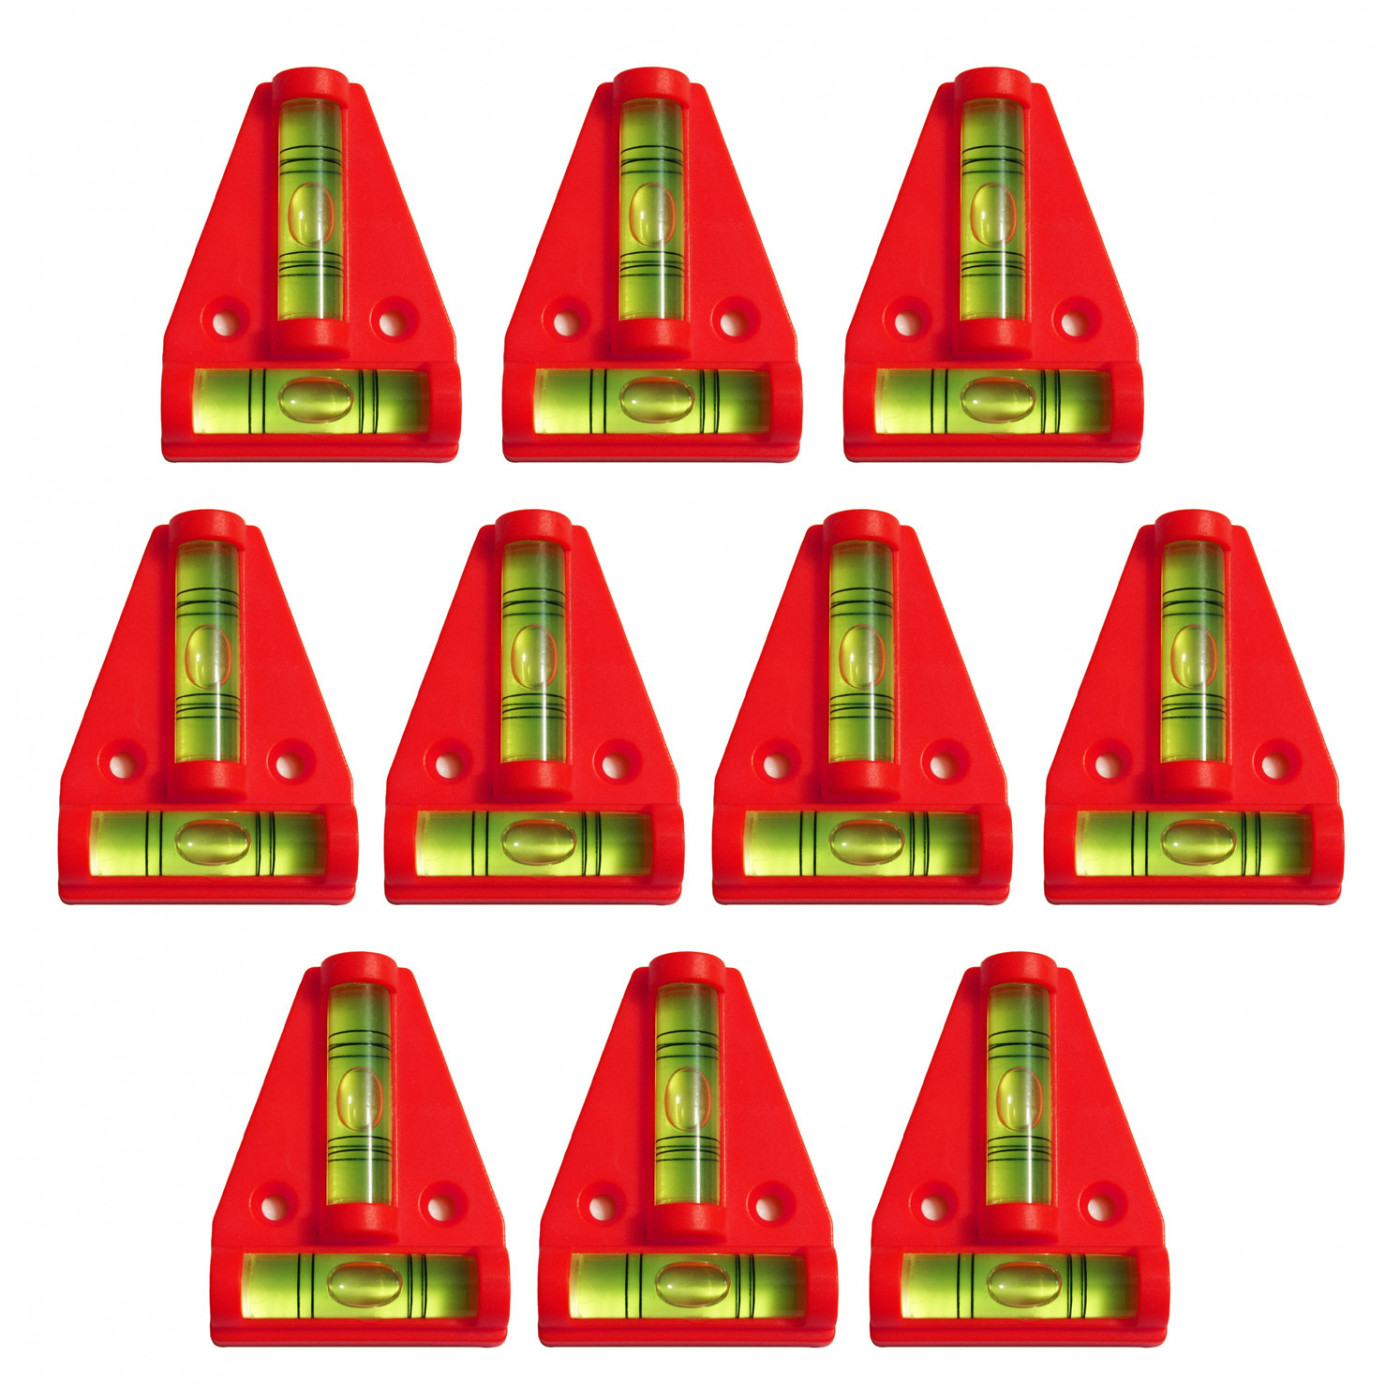 Jeu de 10 niveaux transversaux avec trous de vis (rouge)